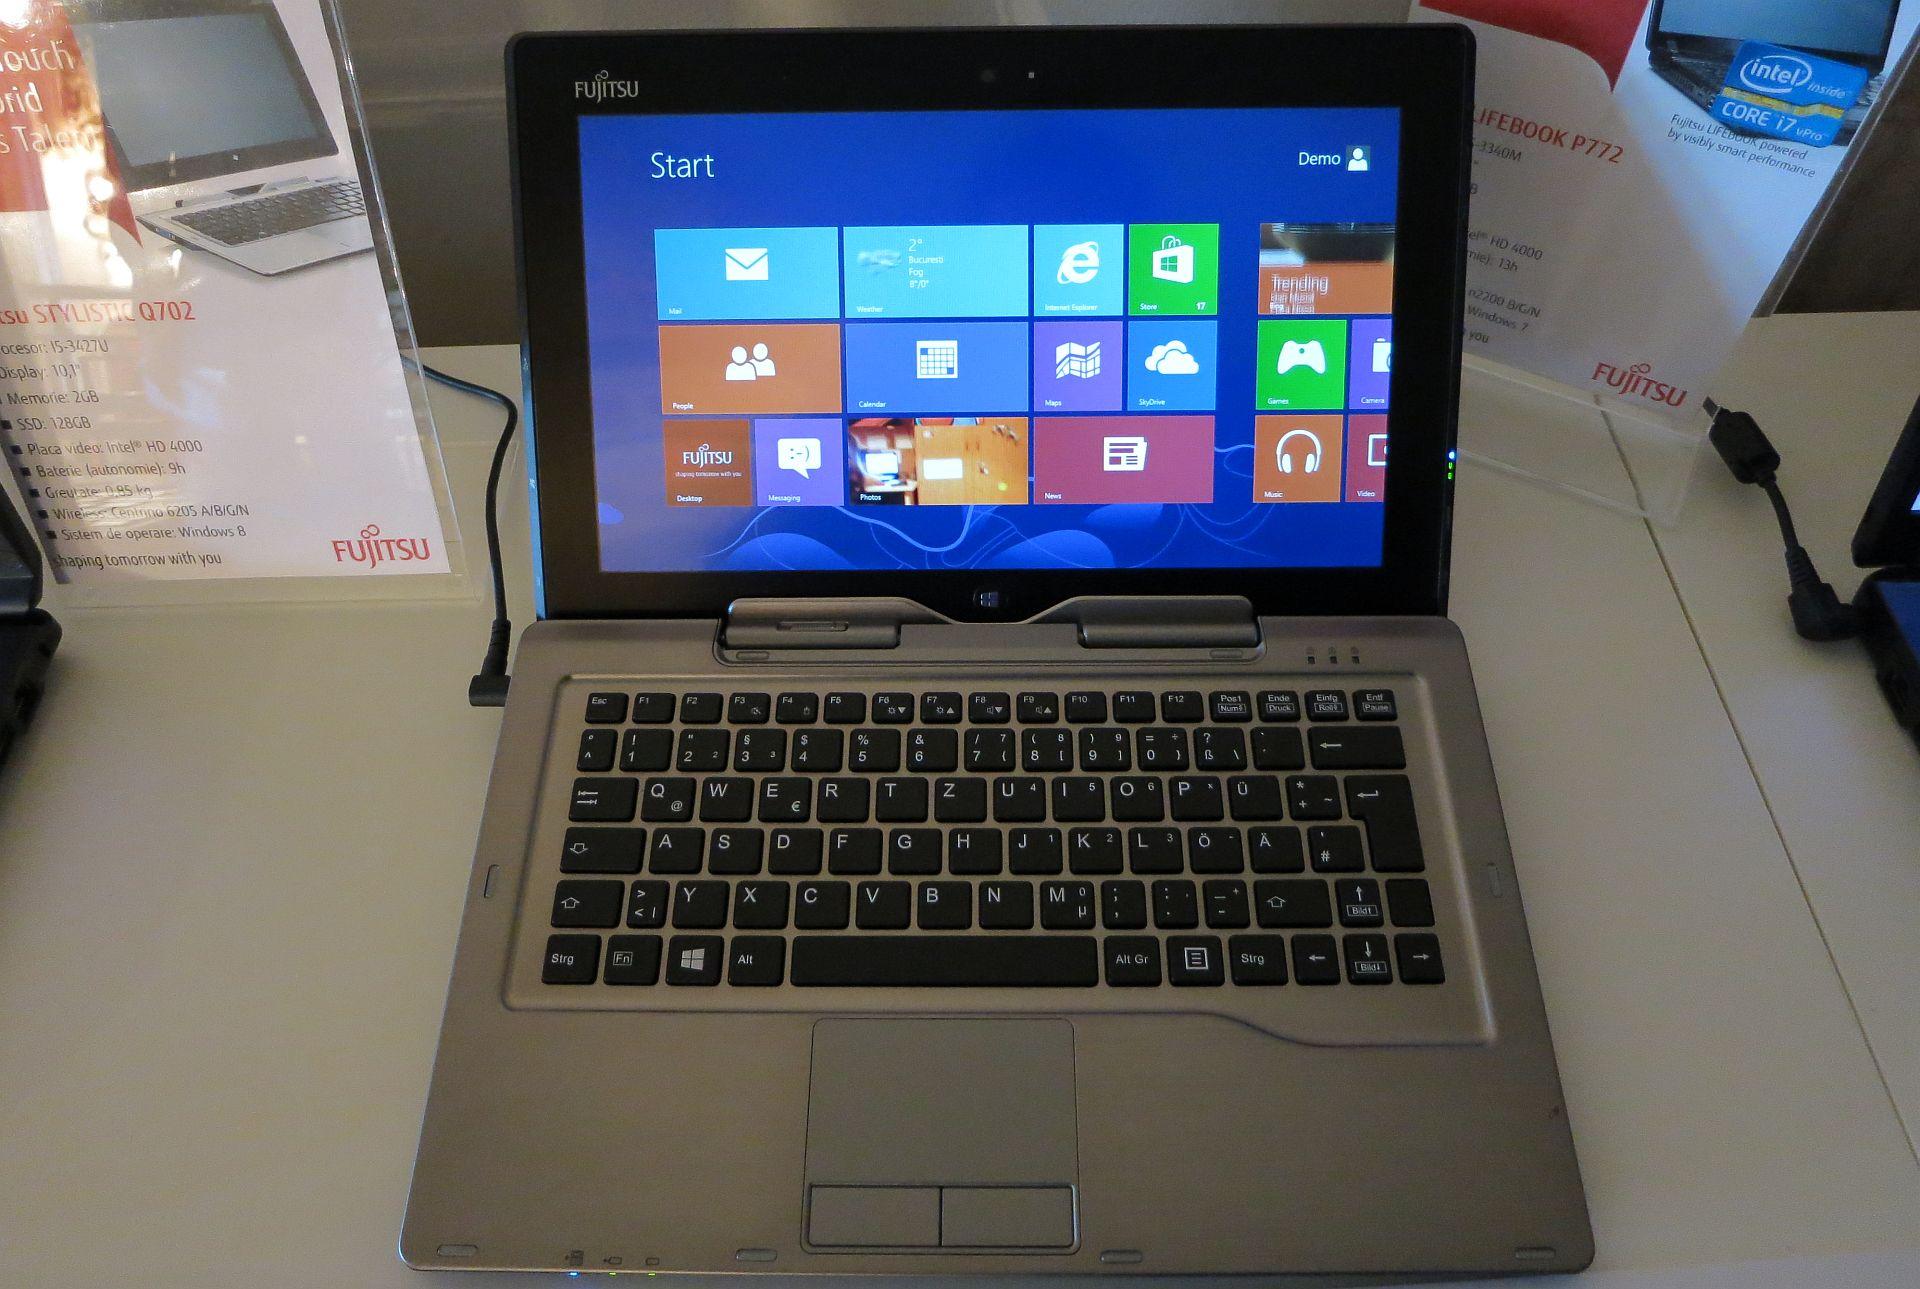 Fujitsu Stylistic Q702 – O tableta cu Windows 8 Pro